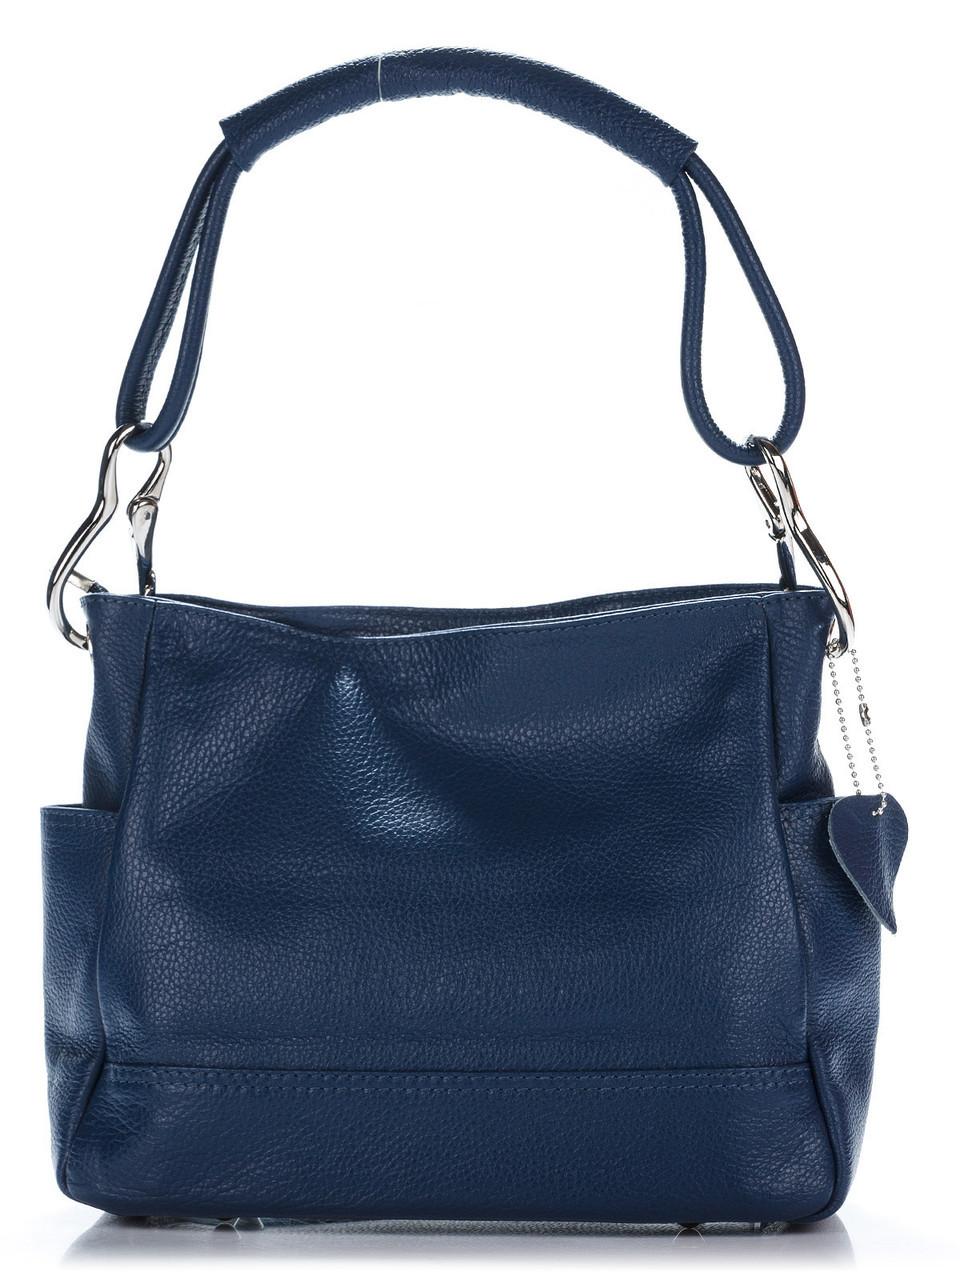 Женская кожаная сумка SHEILA Diva's Bag цвет темно-синий